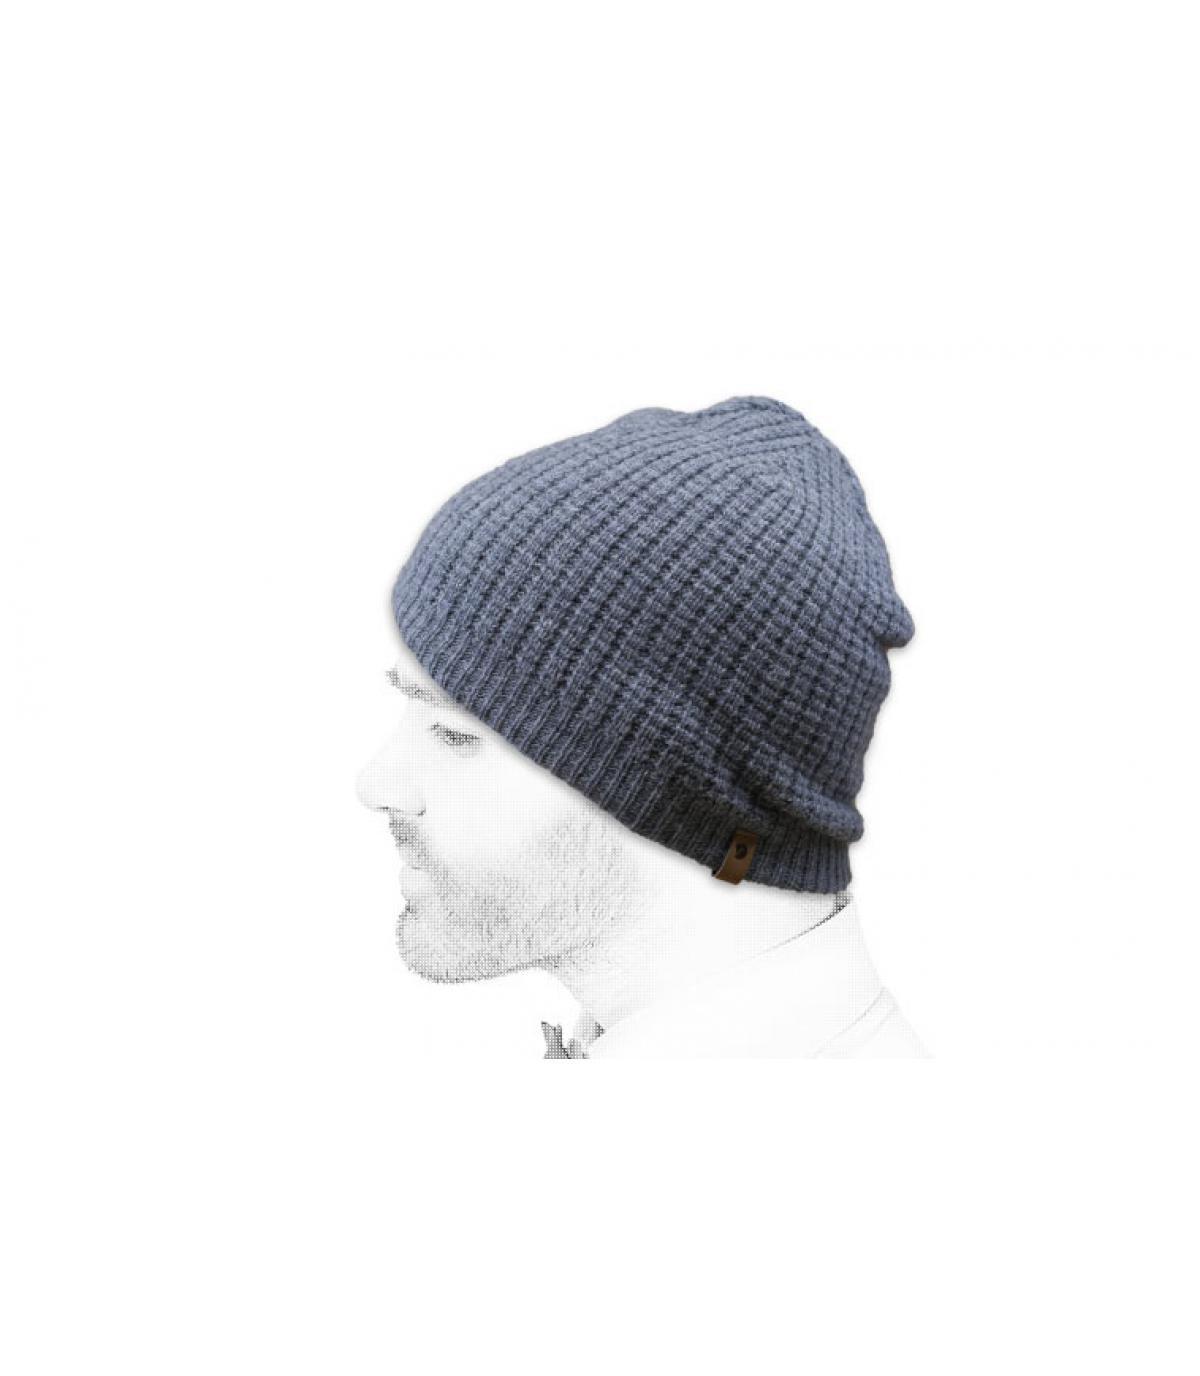 Mütze Fjällräven grau